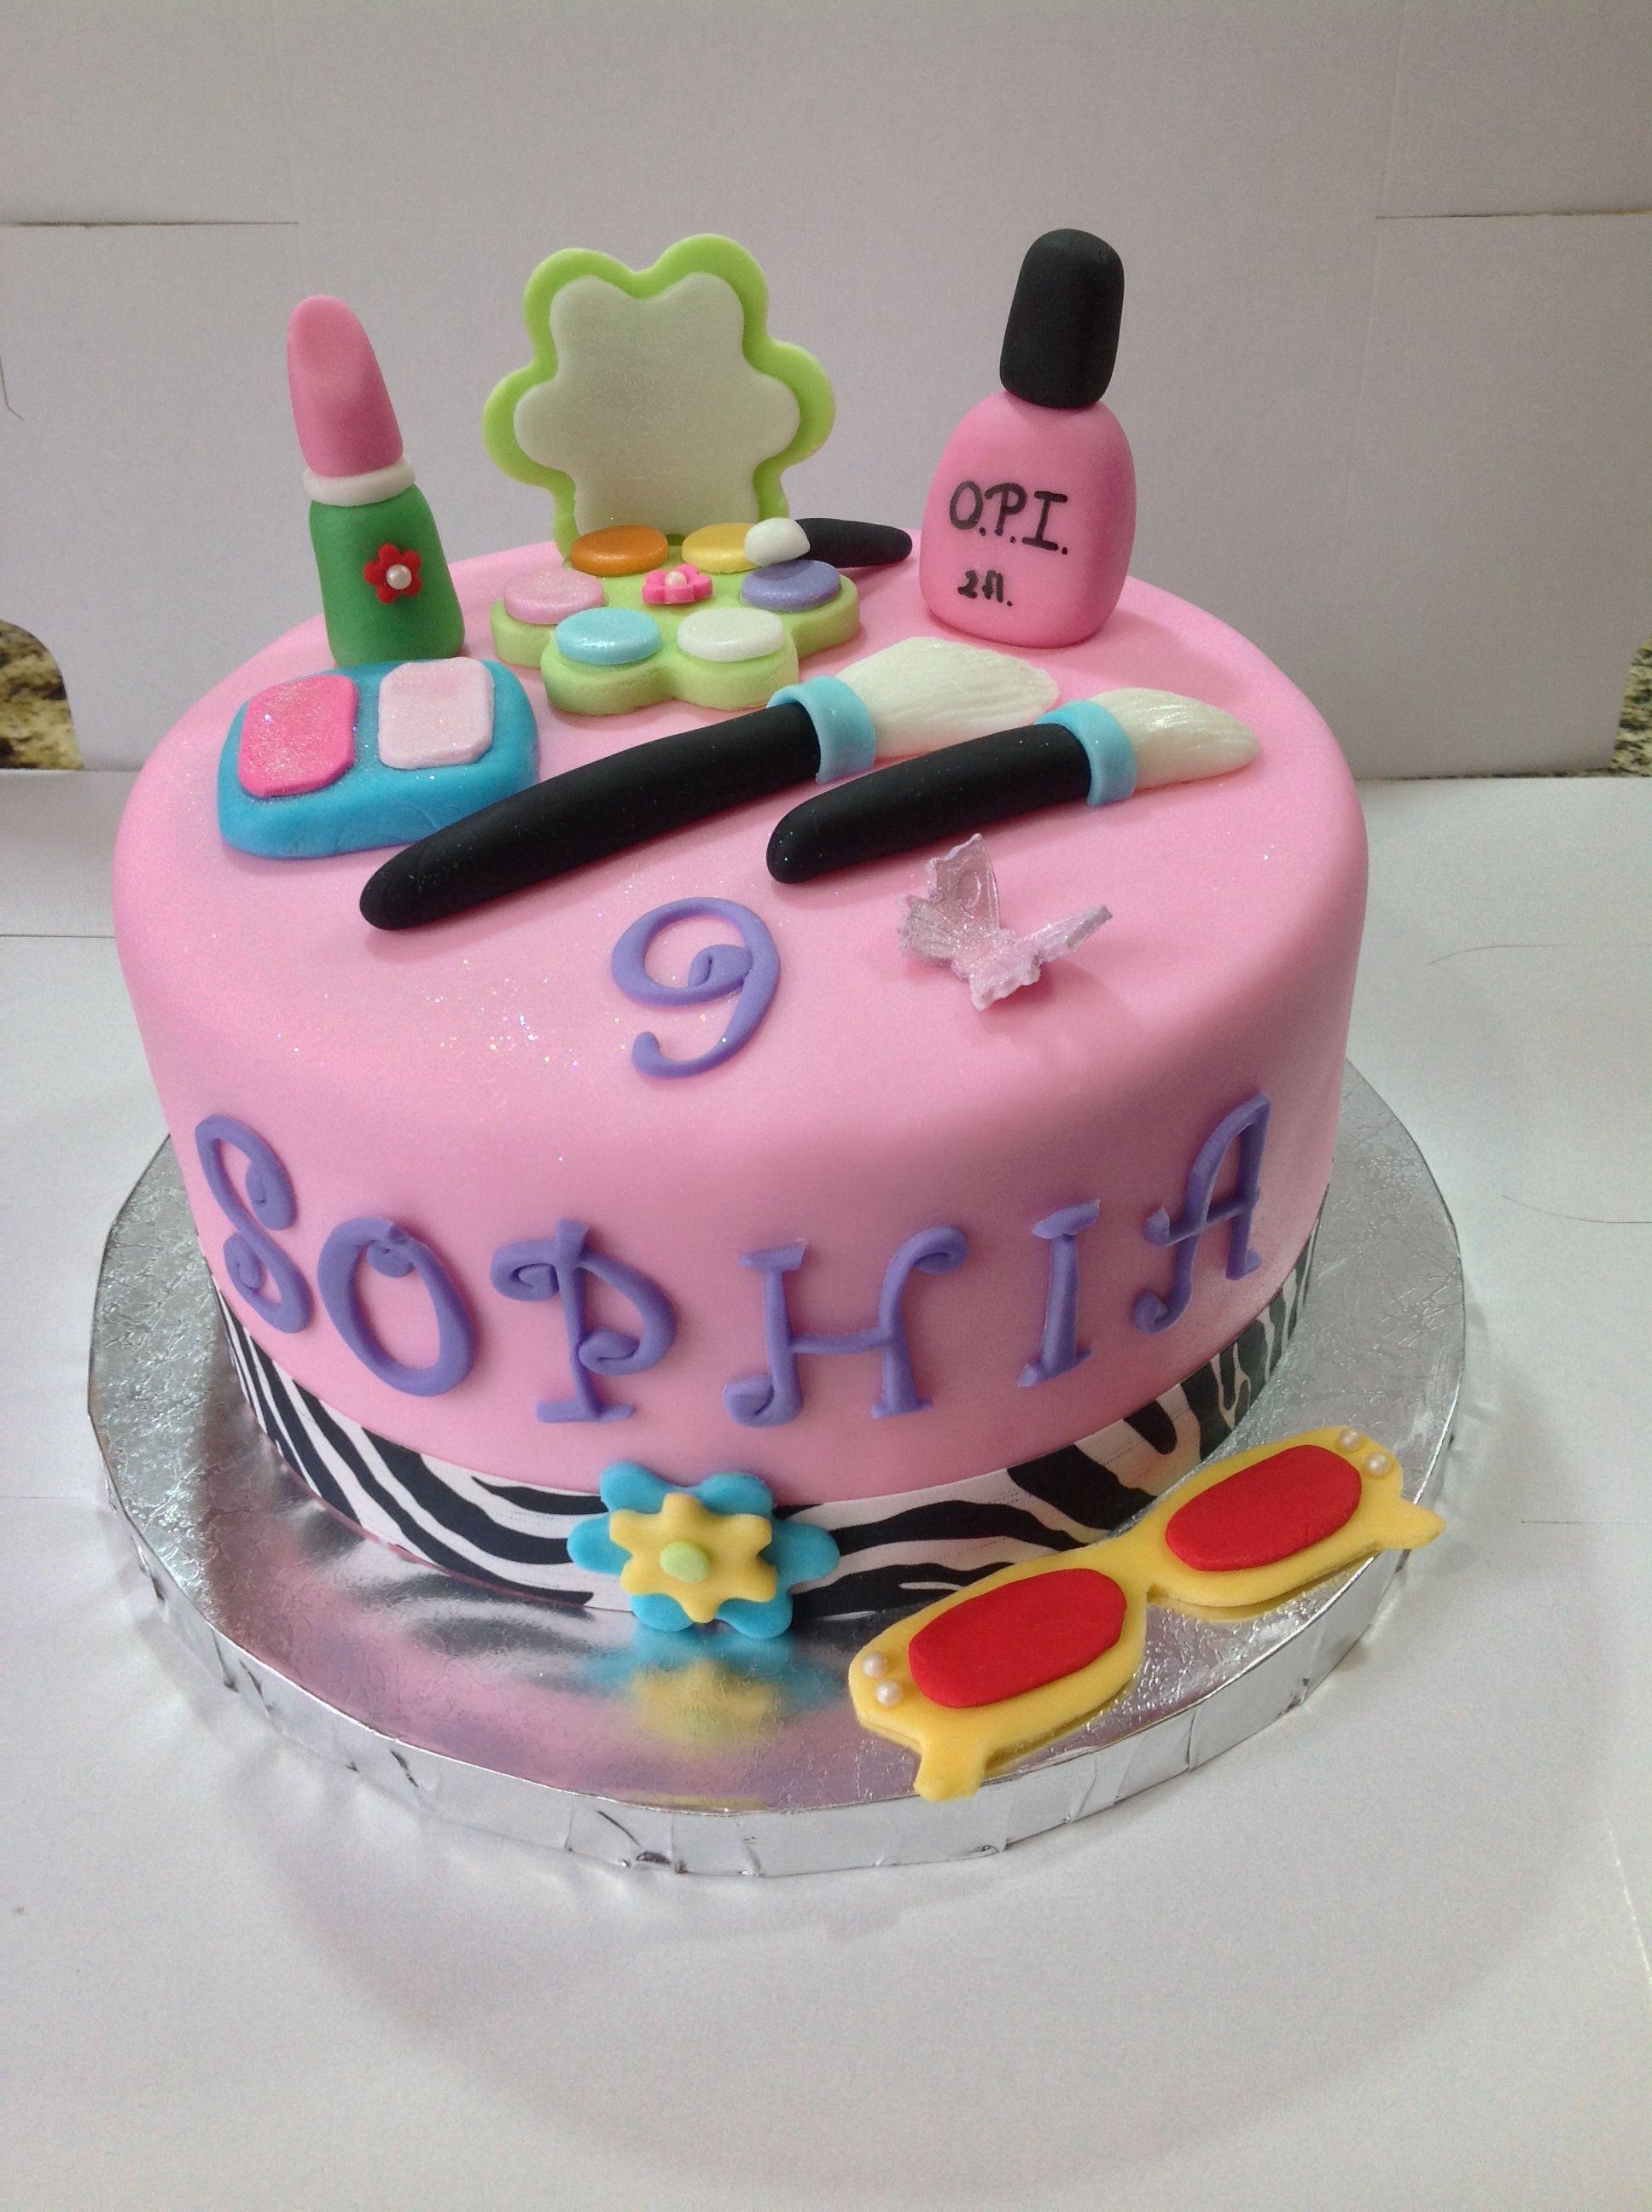 Little girls makeup cake. in 2020 Make up cake, Cake